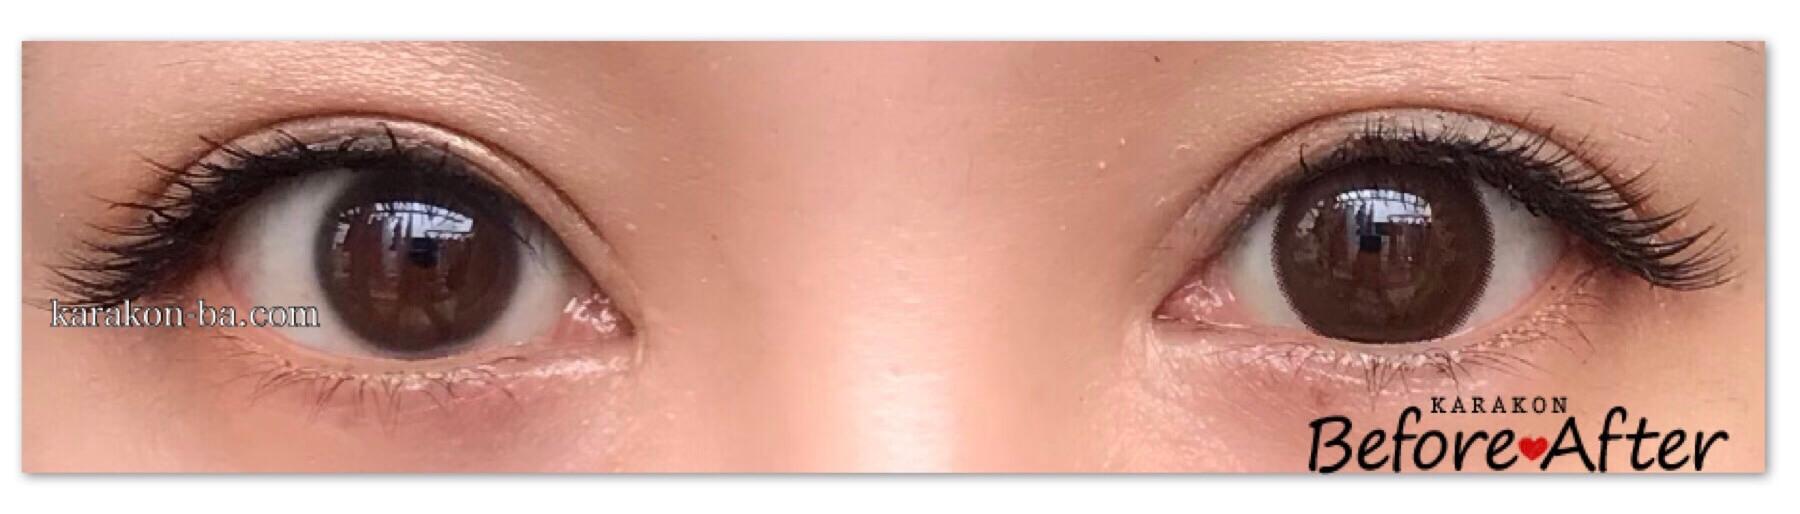 loveil(ラヴェール)クチュールブラウンのカラコン装着画像/両目で比較レポ